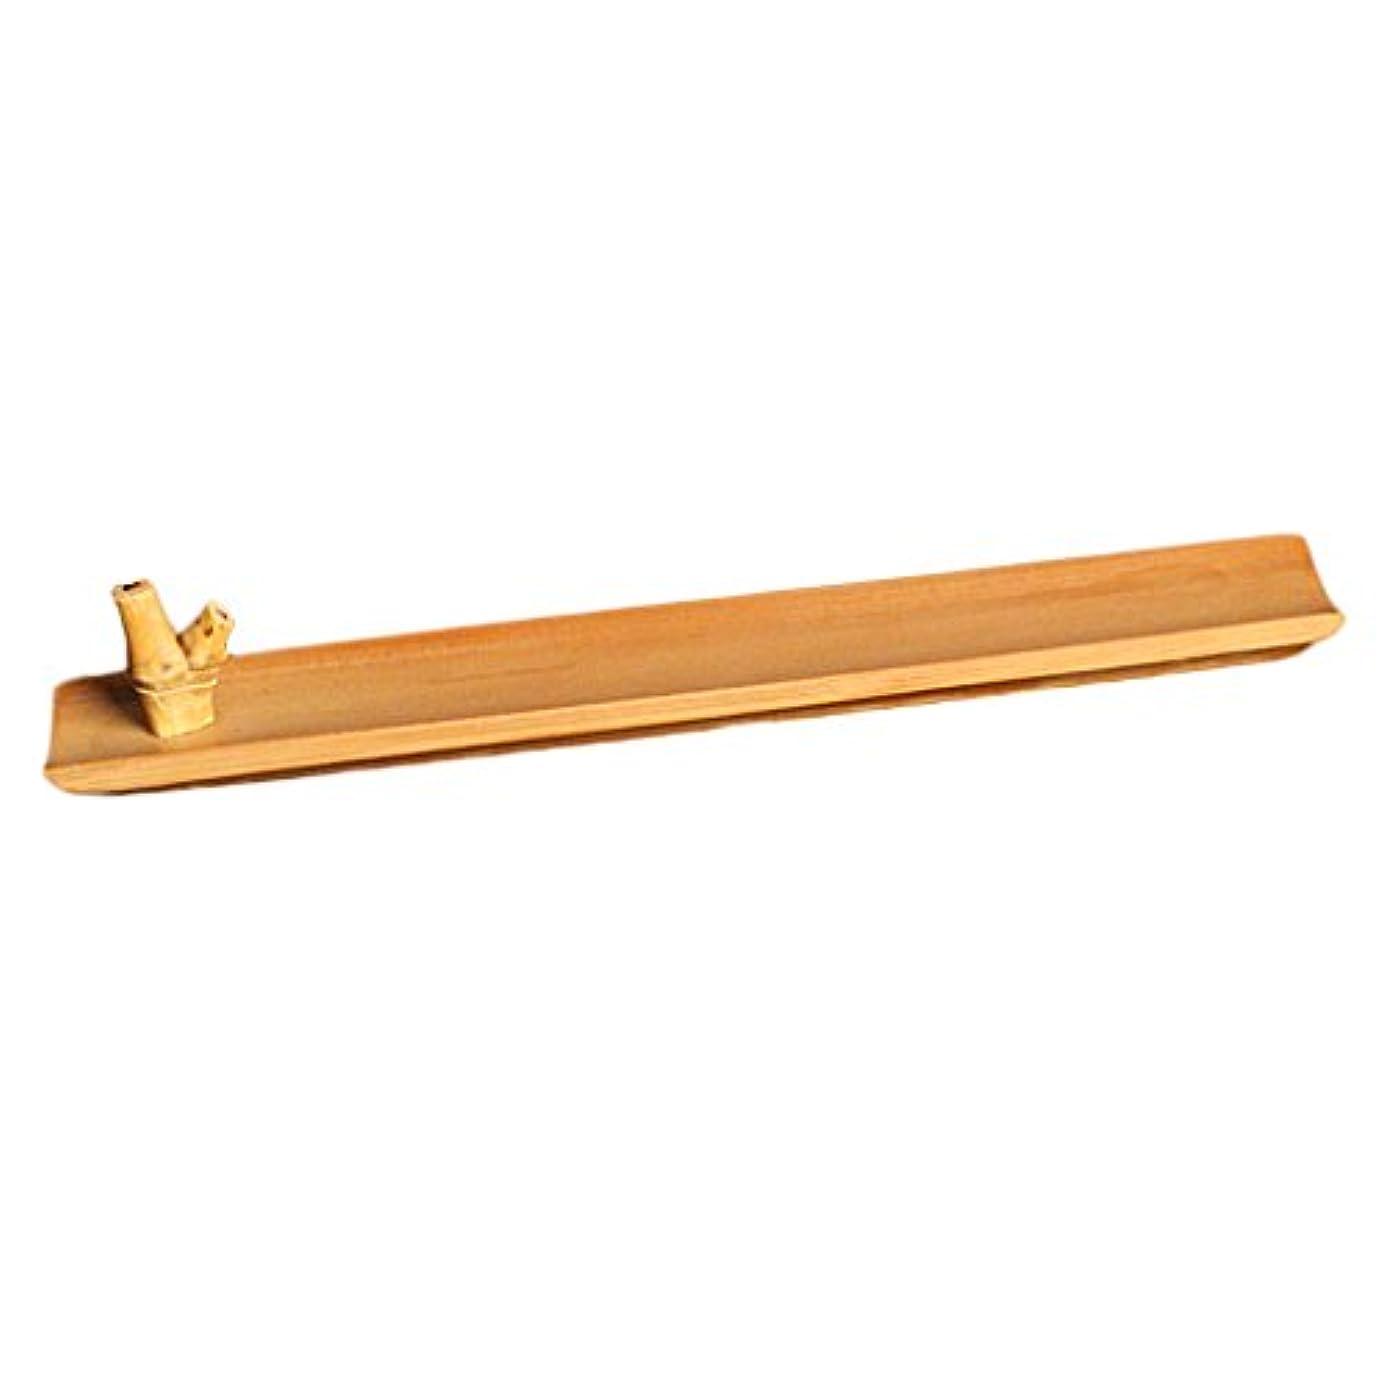 溝南東保険をかける竹 お香立て スティック 香 ホルダー バーナースティック ブラウン 手作り 工芸品 24センチメートル